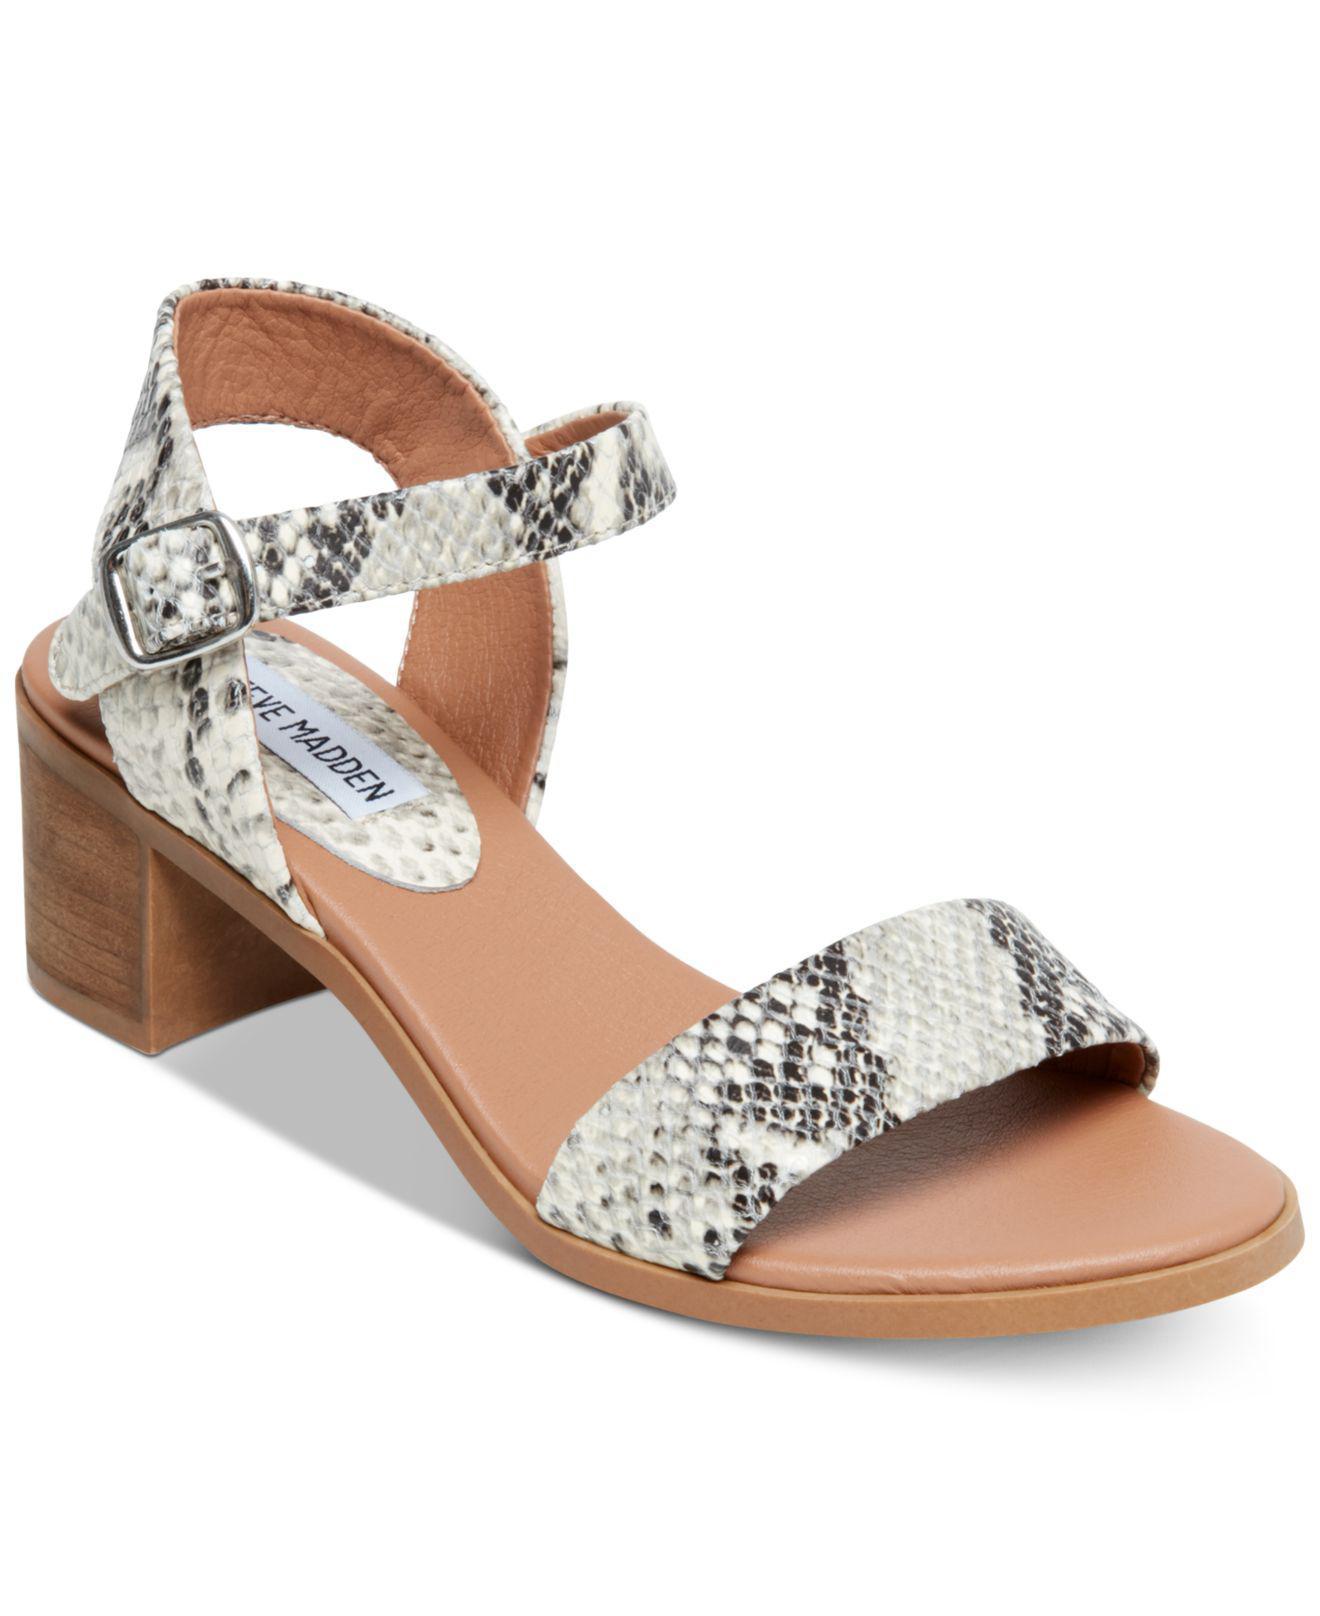 922017b29b1 Steve Madden. Women s April Block-heel Dress Sandals